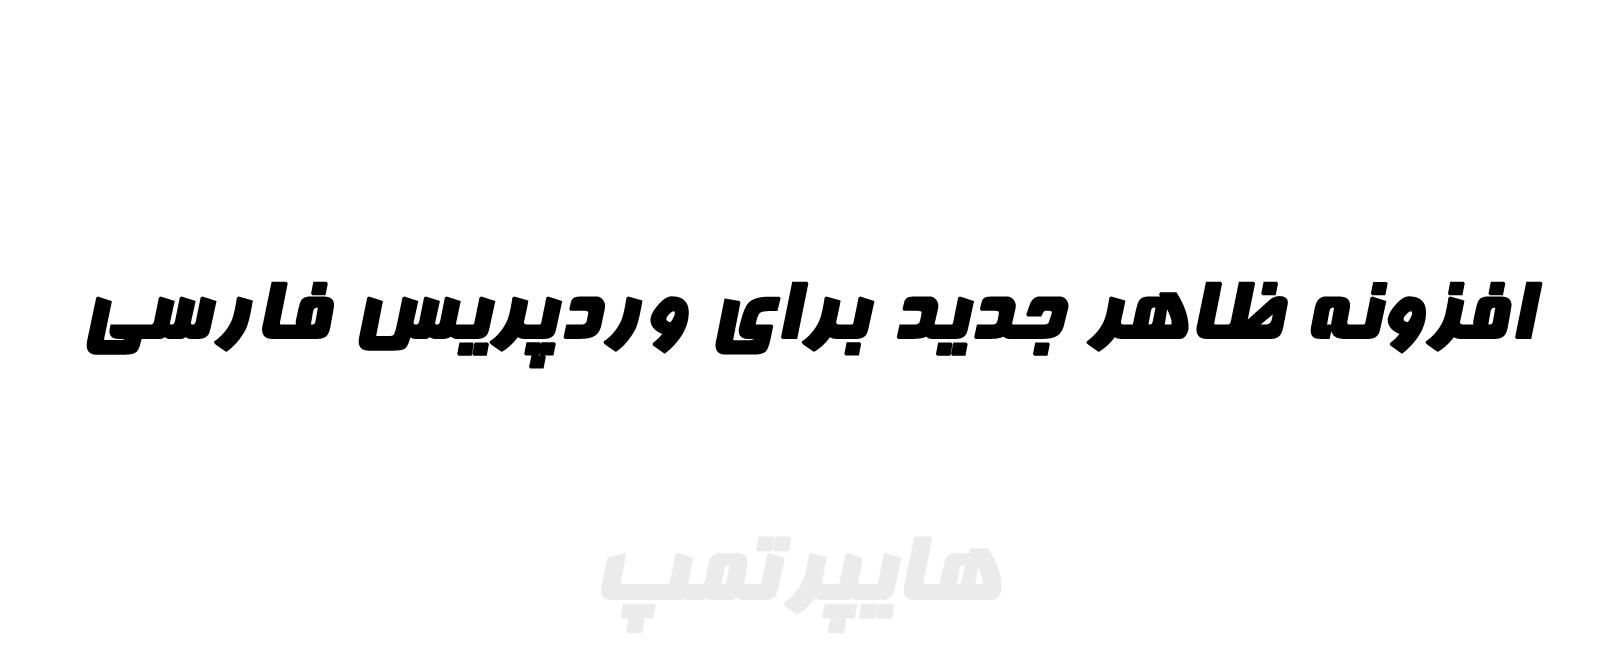 افزونه ظاهر جدید برای وردپریس فارسی